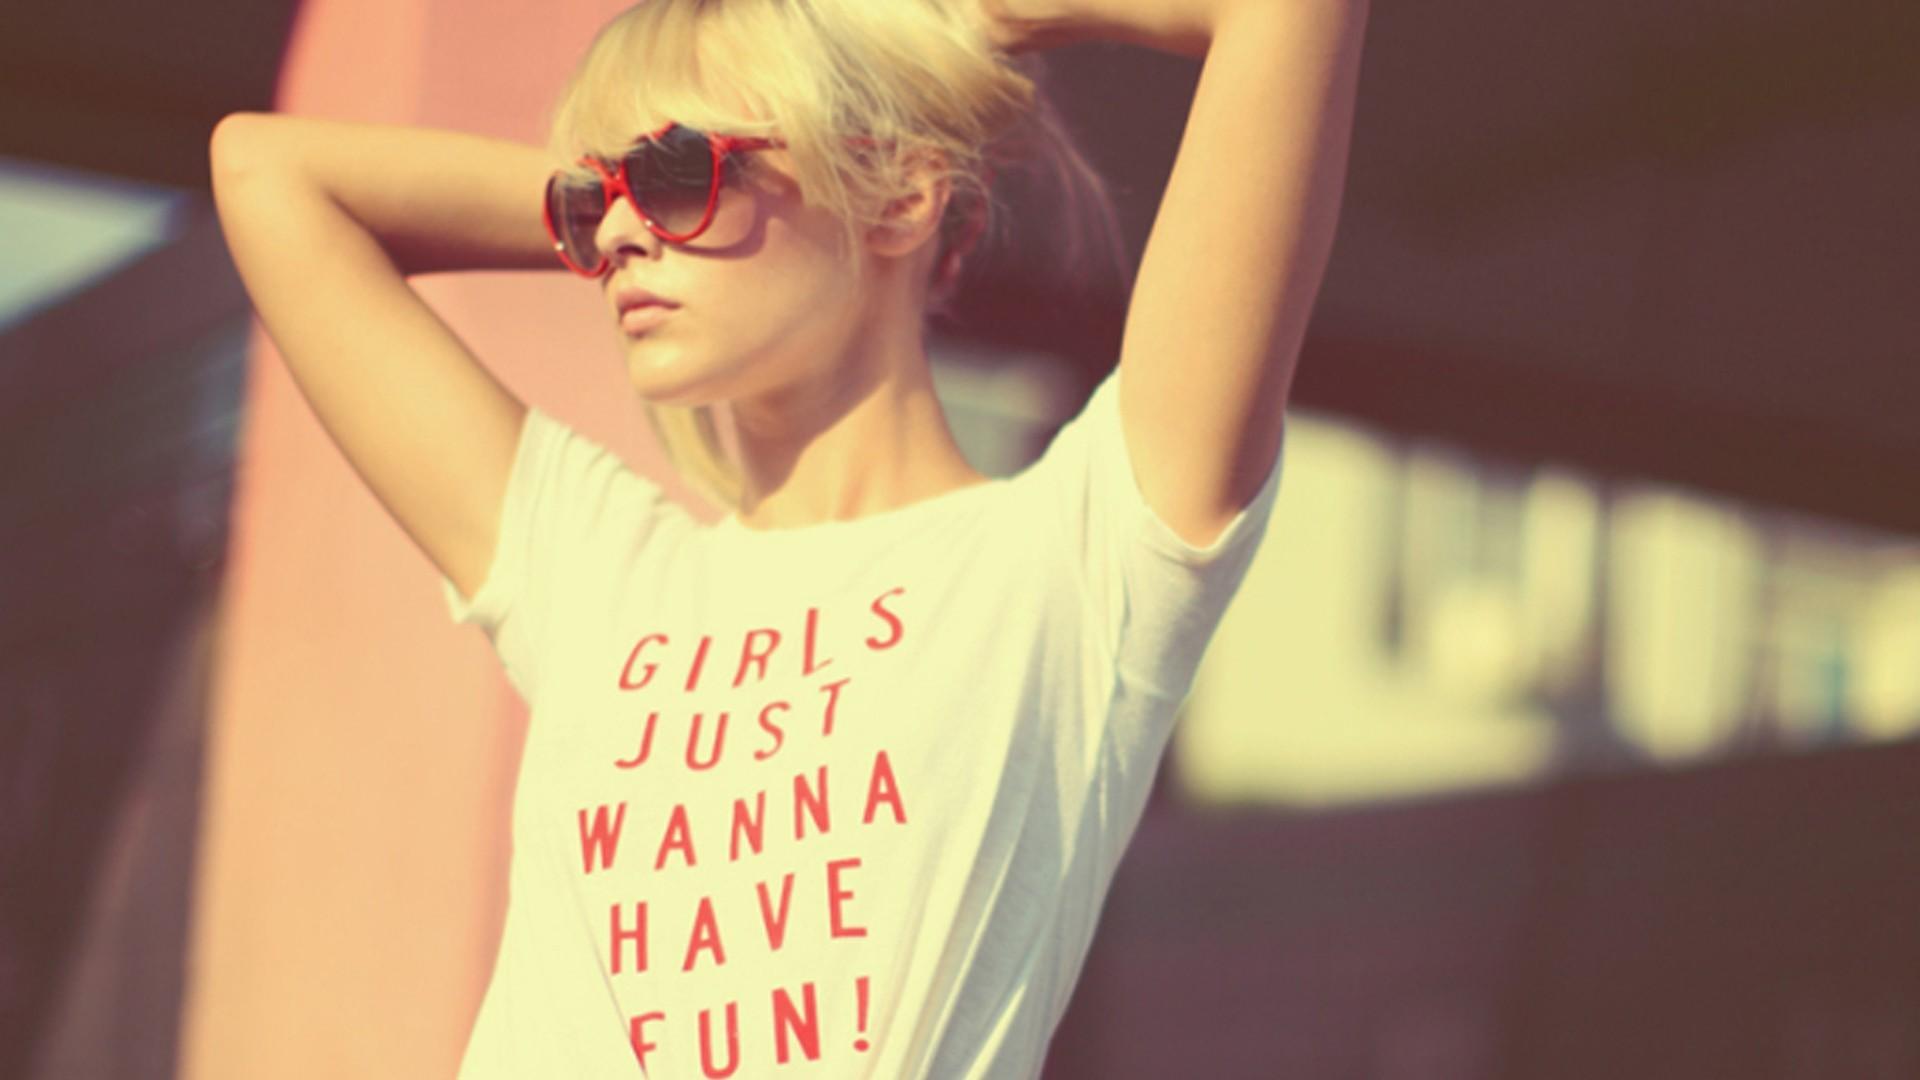 Фото на аву для девушек весёлые